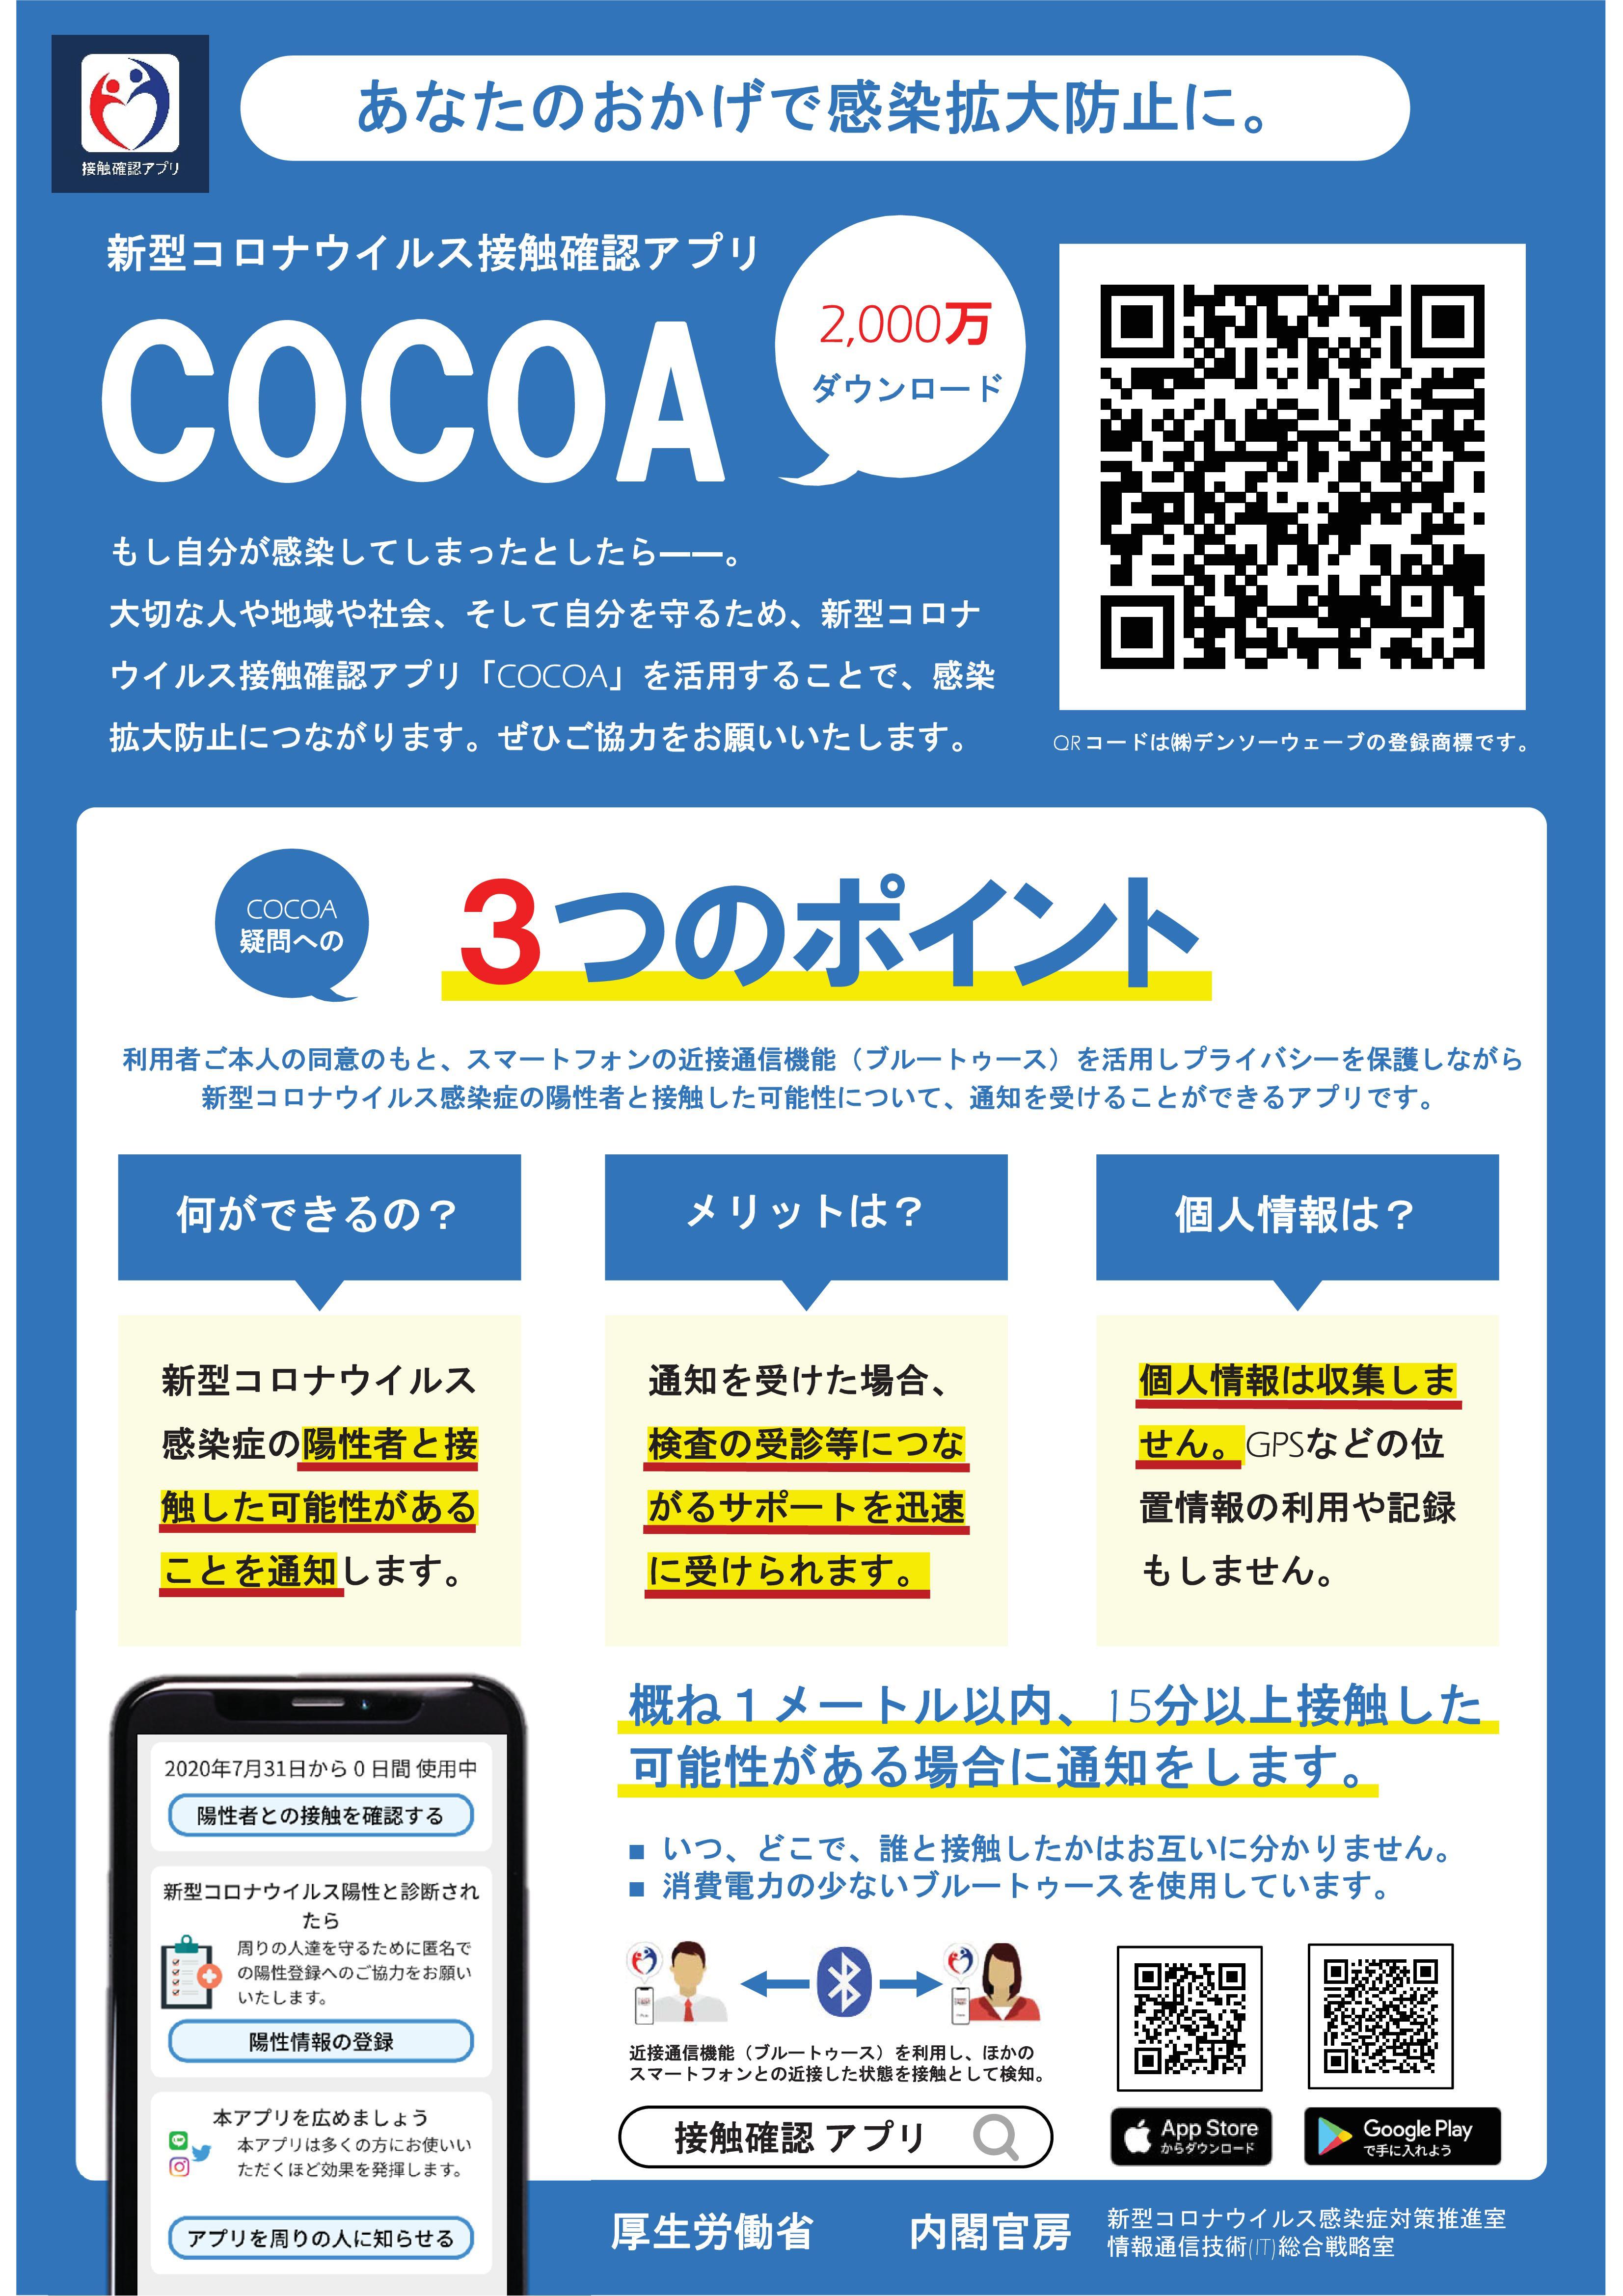 (別添)COCOAチラシ3つのポイントver.-2